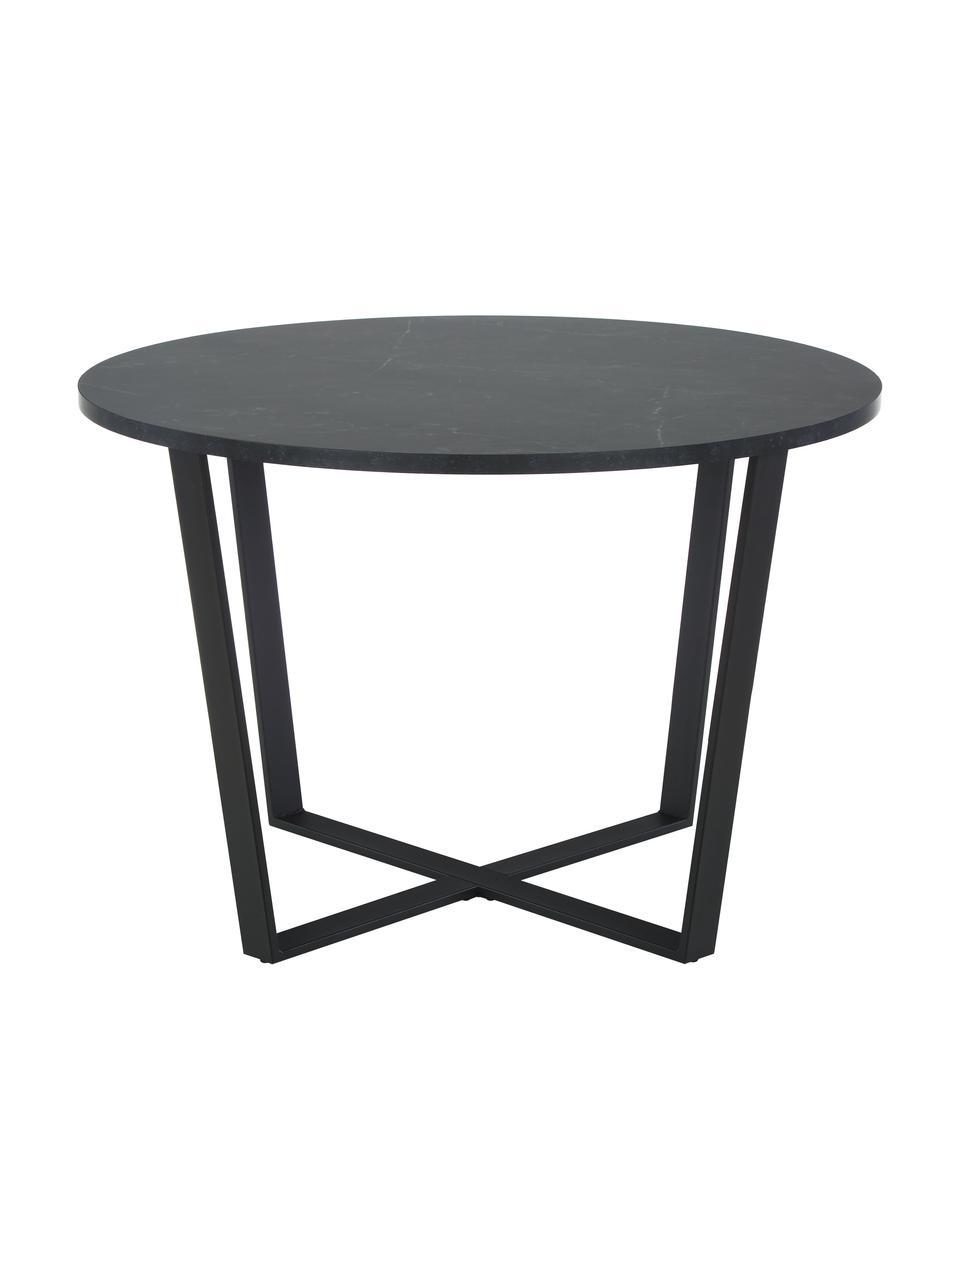 Okrągły stół do jadalni z imitującym marmur Amble, Blat: płyta pilśniowa średniej , Czarny, Ø 110 x W 75 cm